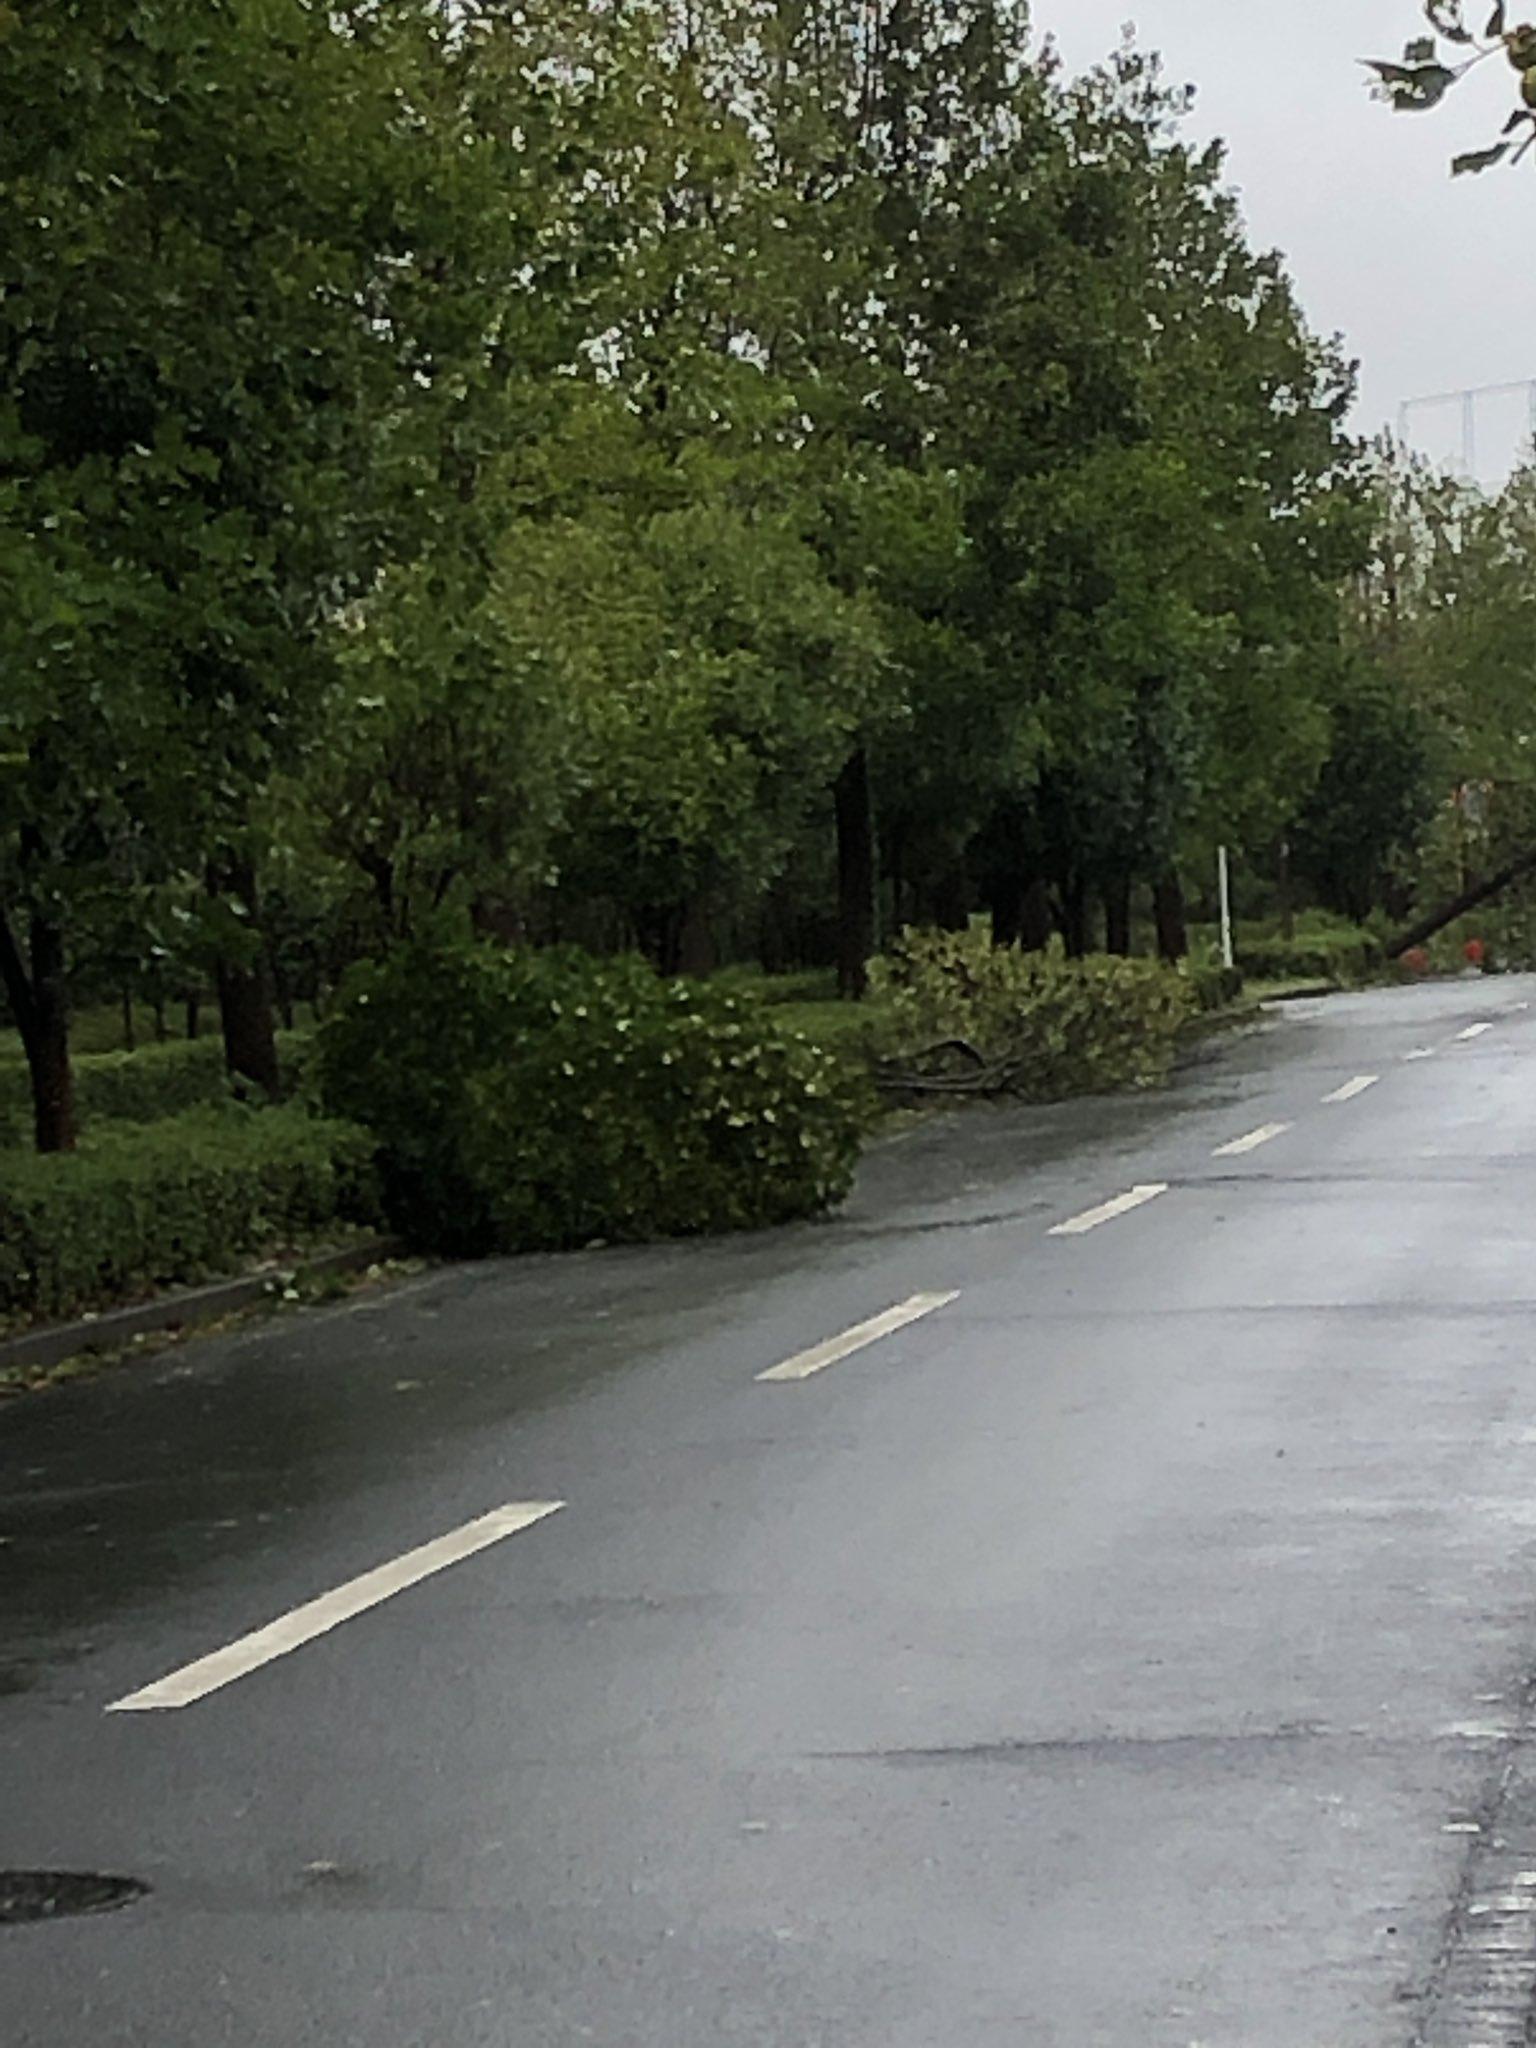 画像,バス通りに倒木多数佐倉市出掛けるなんて無理だからね#台風15 https://t.co/tYIGsrAcpA。